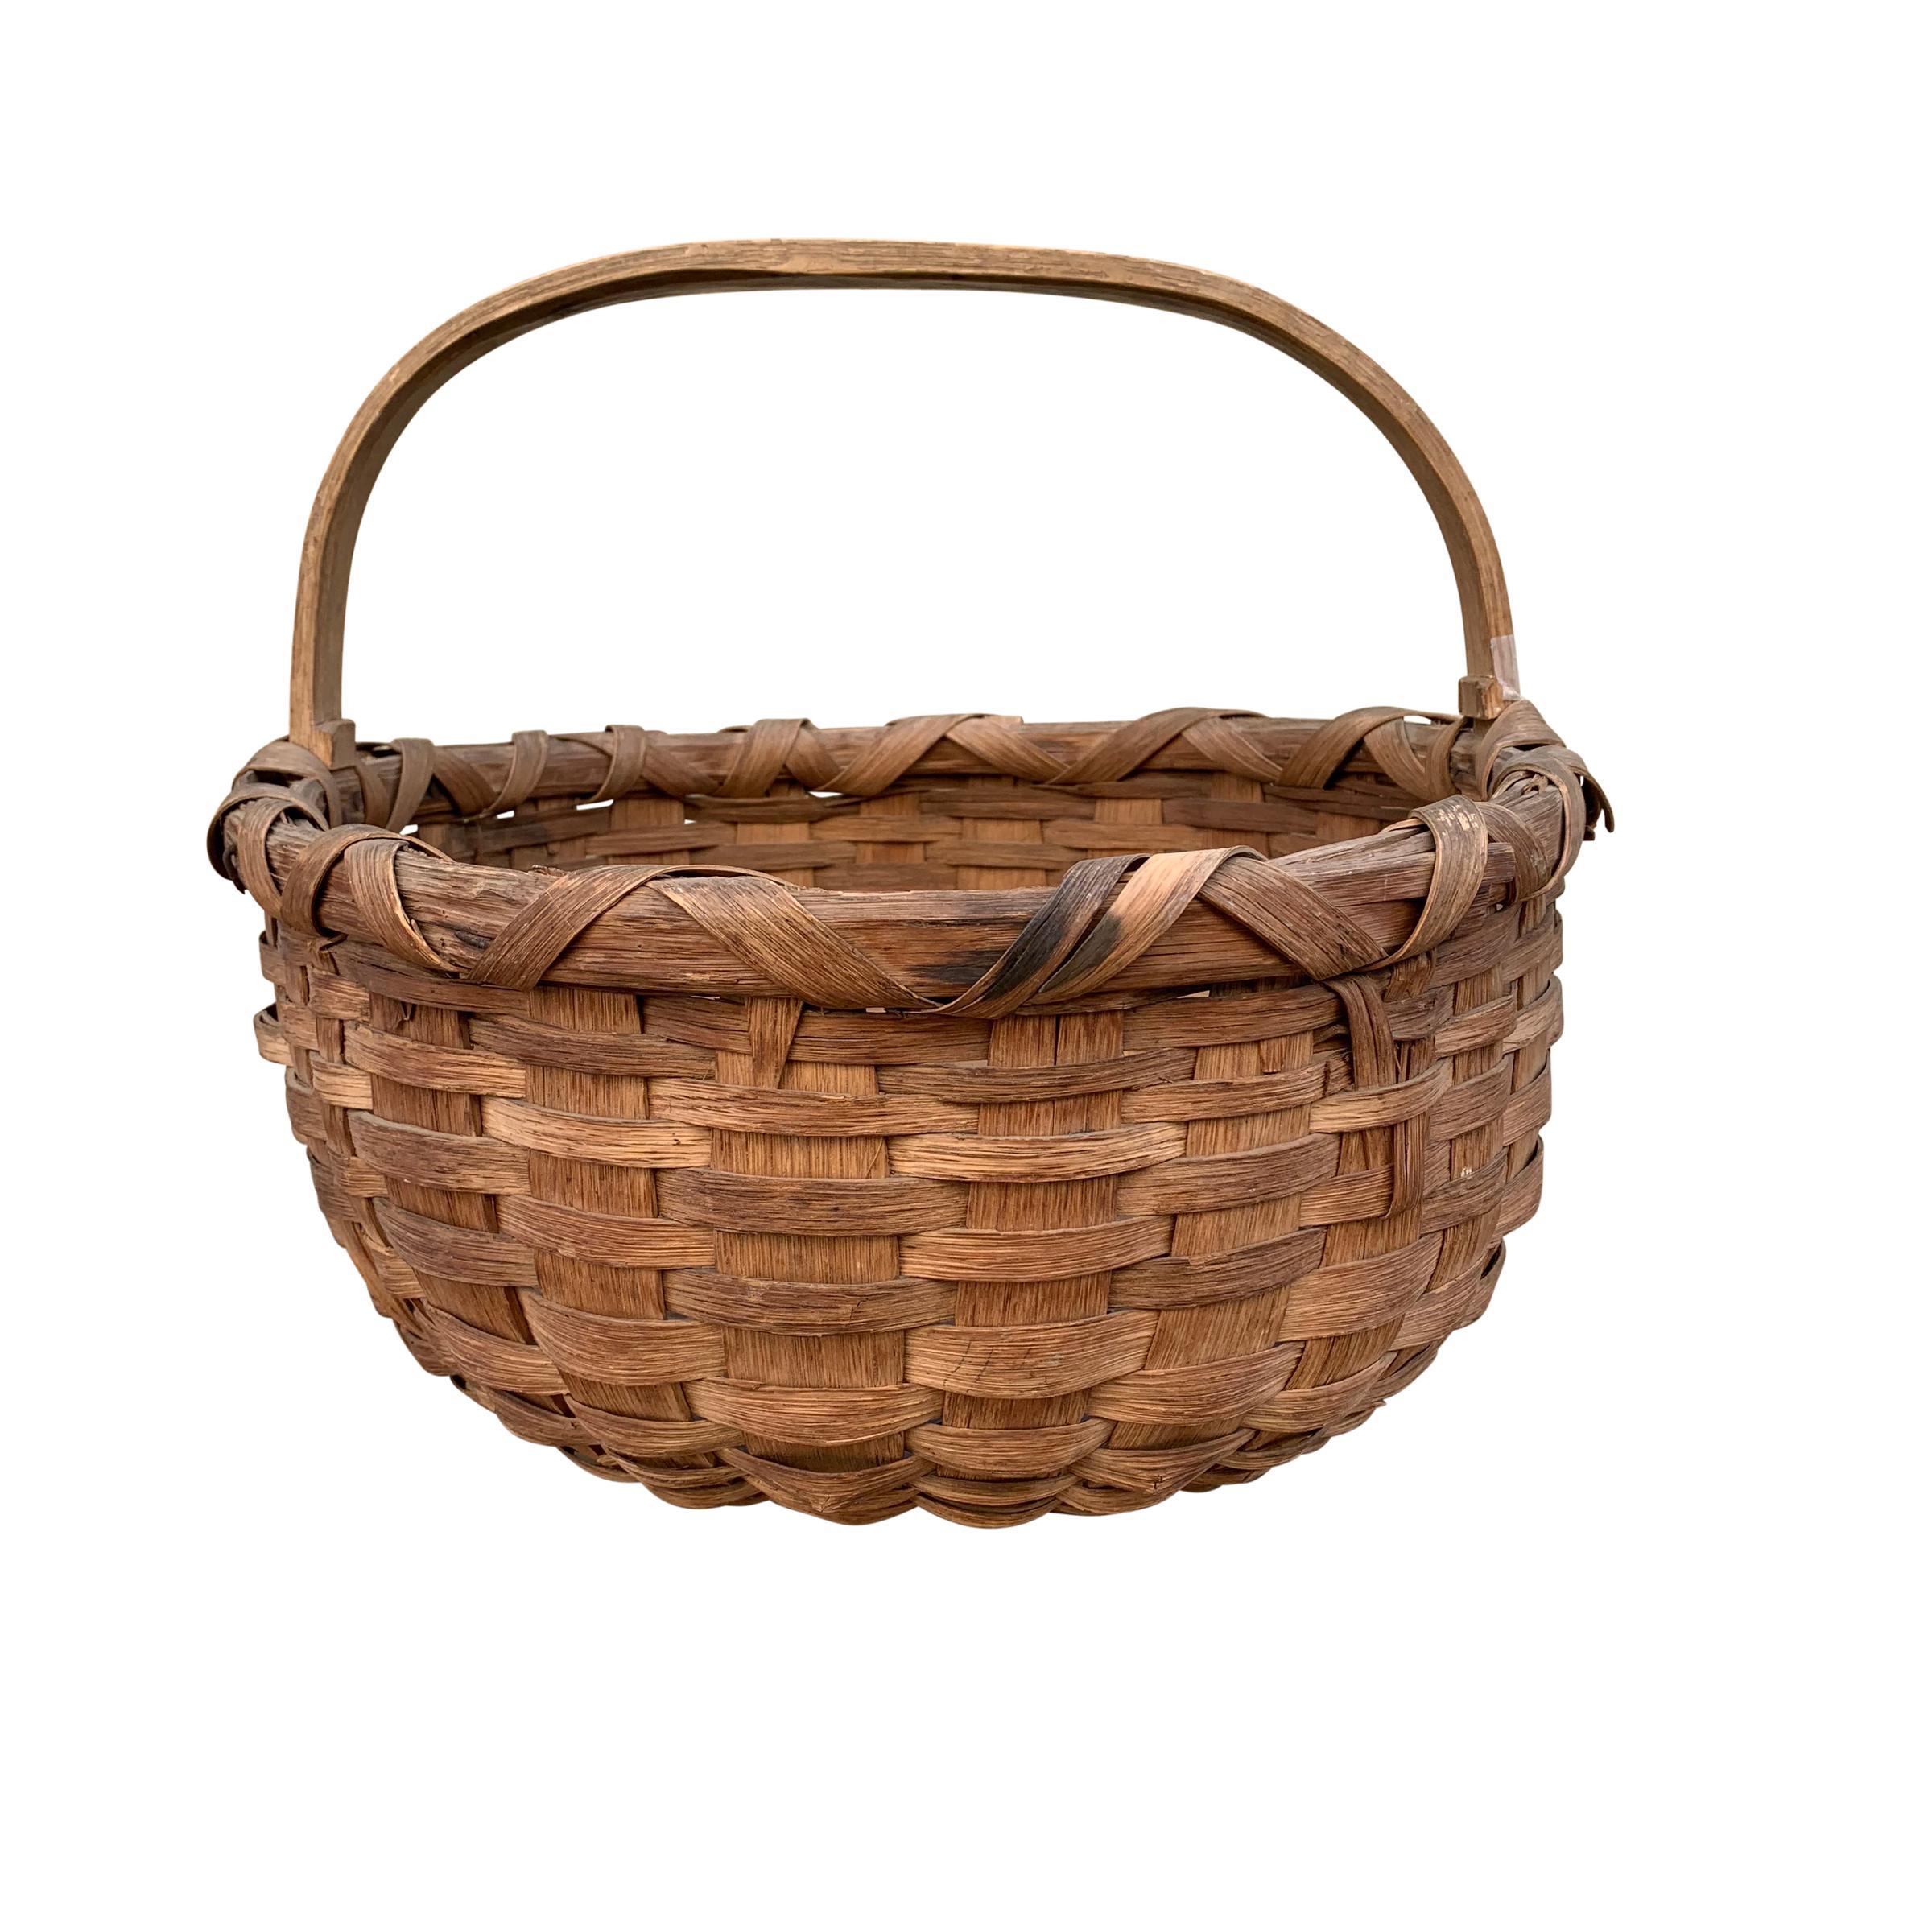 19th Century American Oak Splint Gathering Basket